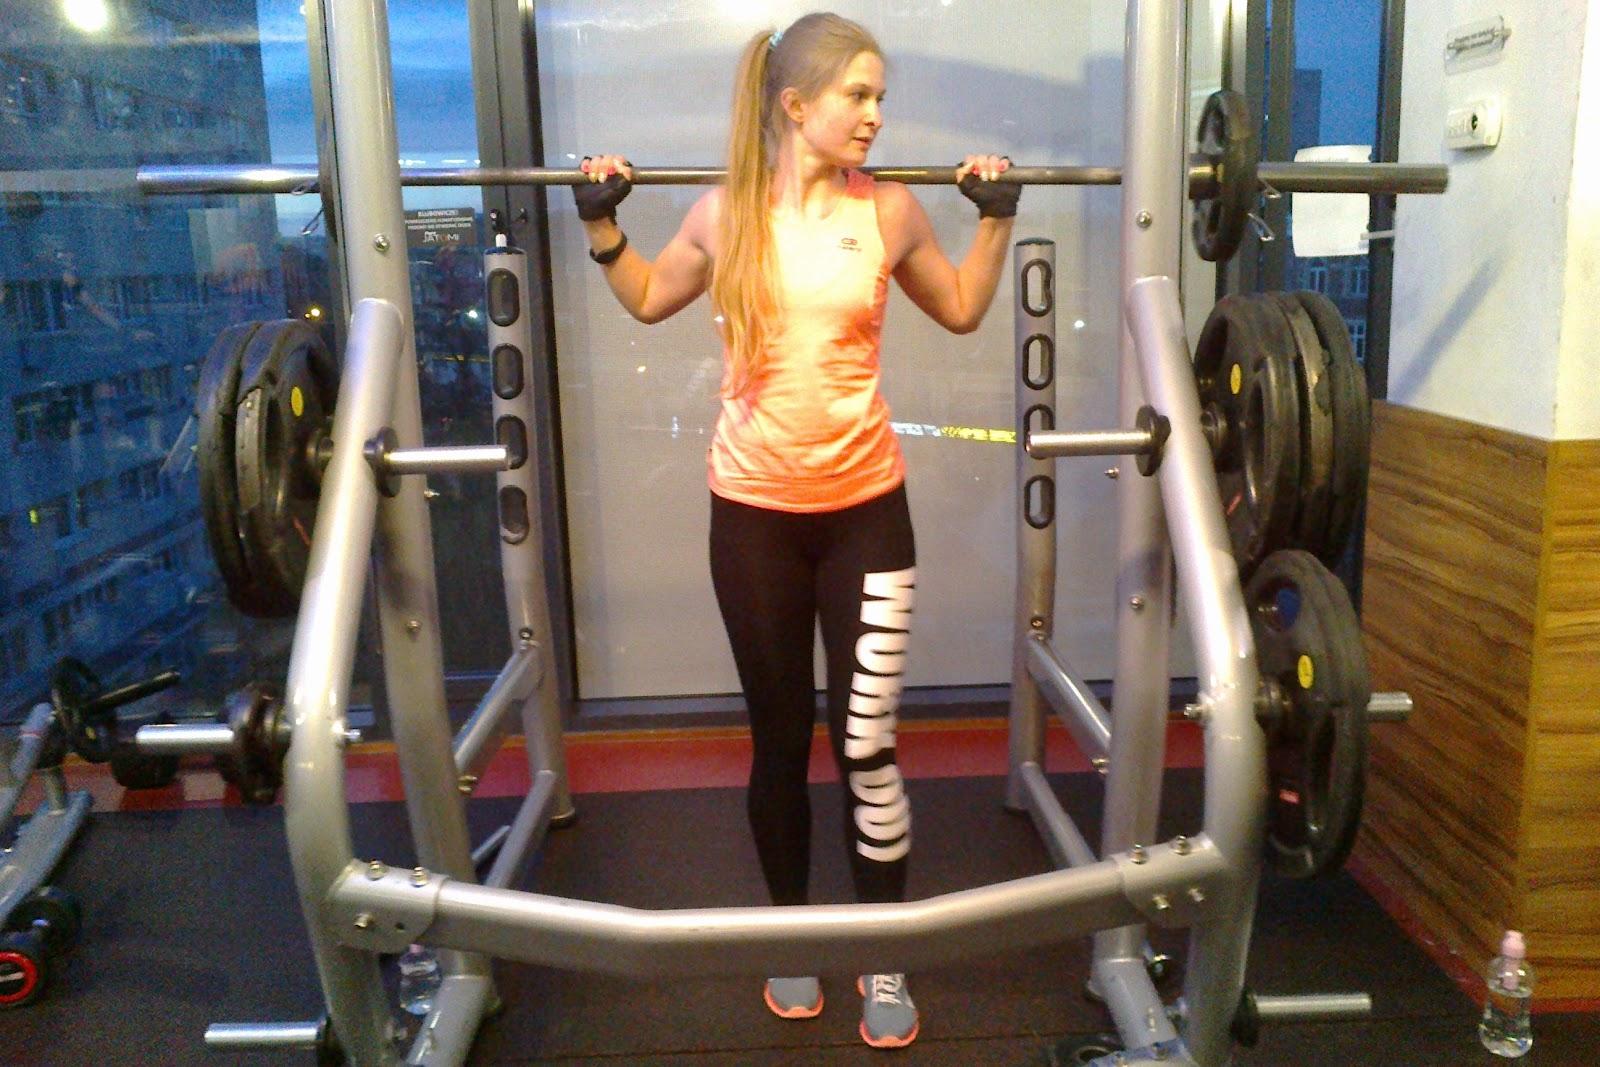 Siłownia - jak ćwiczyć, żeby schudnąć?